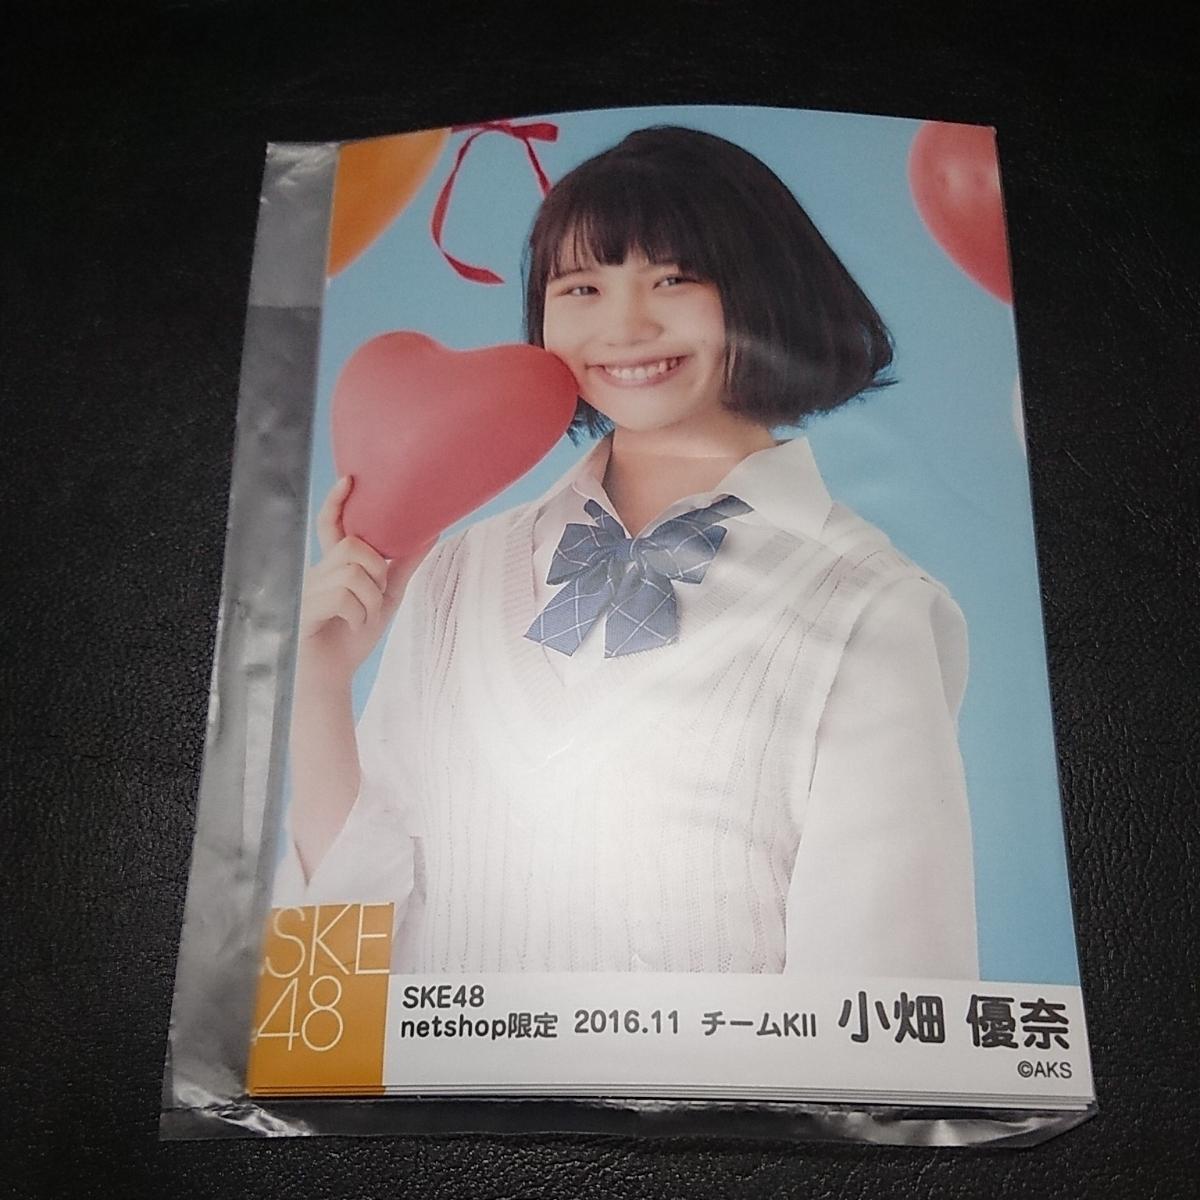 SKE48 小畑優奈 個別生写真 5枚セット 2016.11 netshop限定 未開封